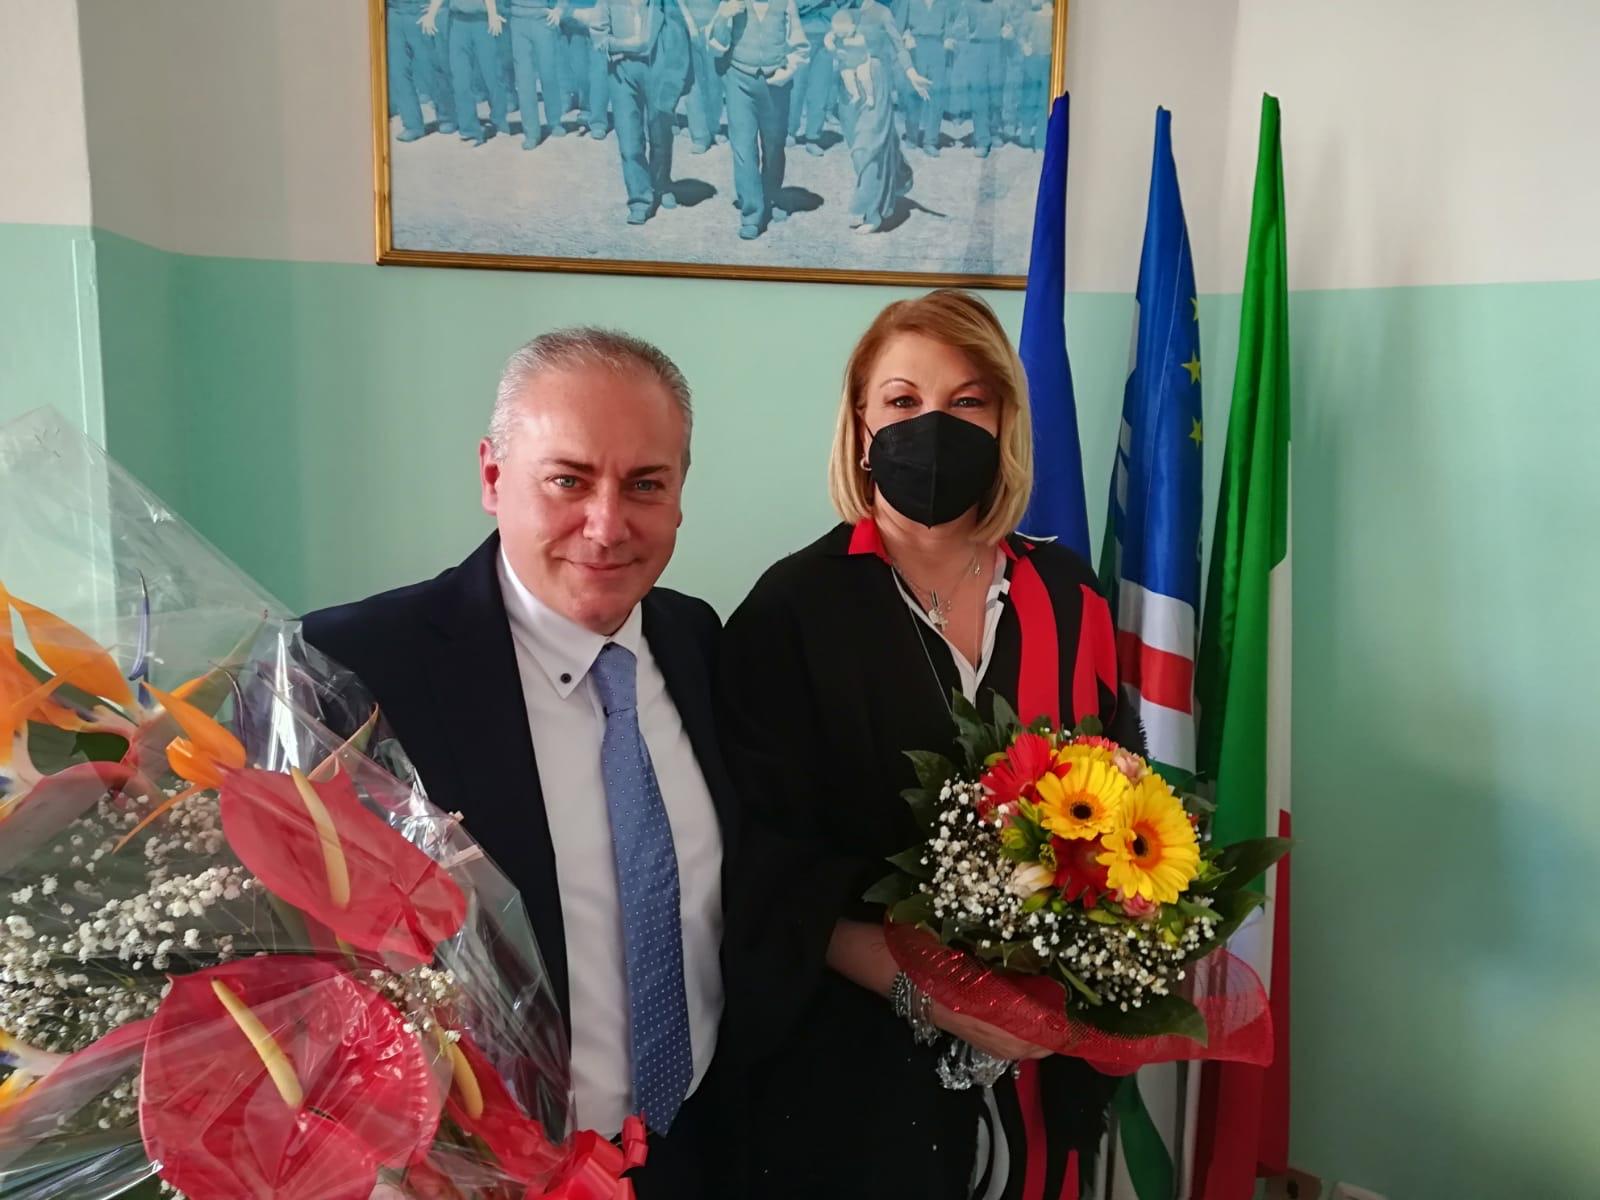 Fernando Vecchione è il nuovo segretario generale della Cisl Irpinia Sannio